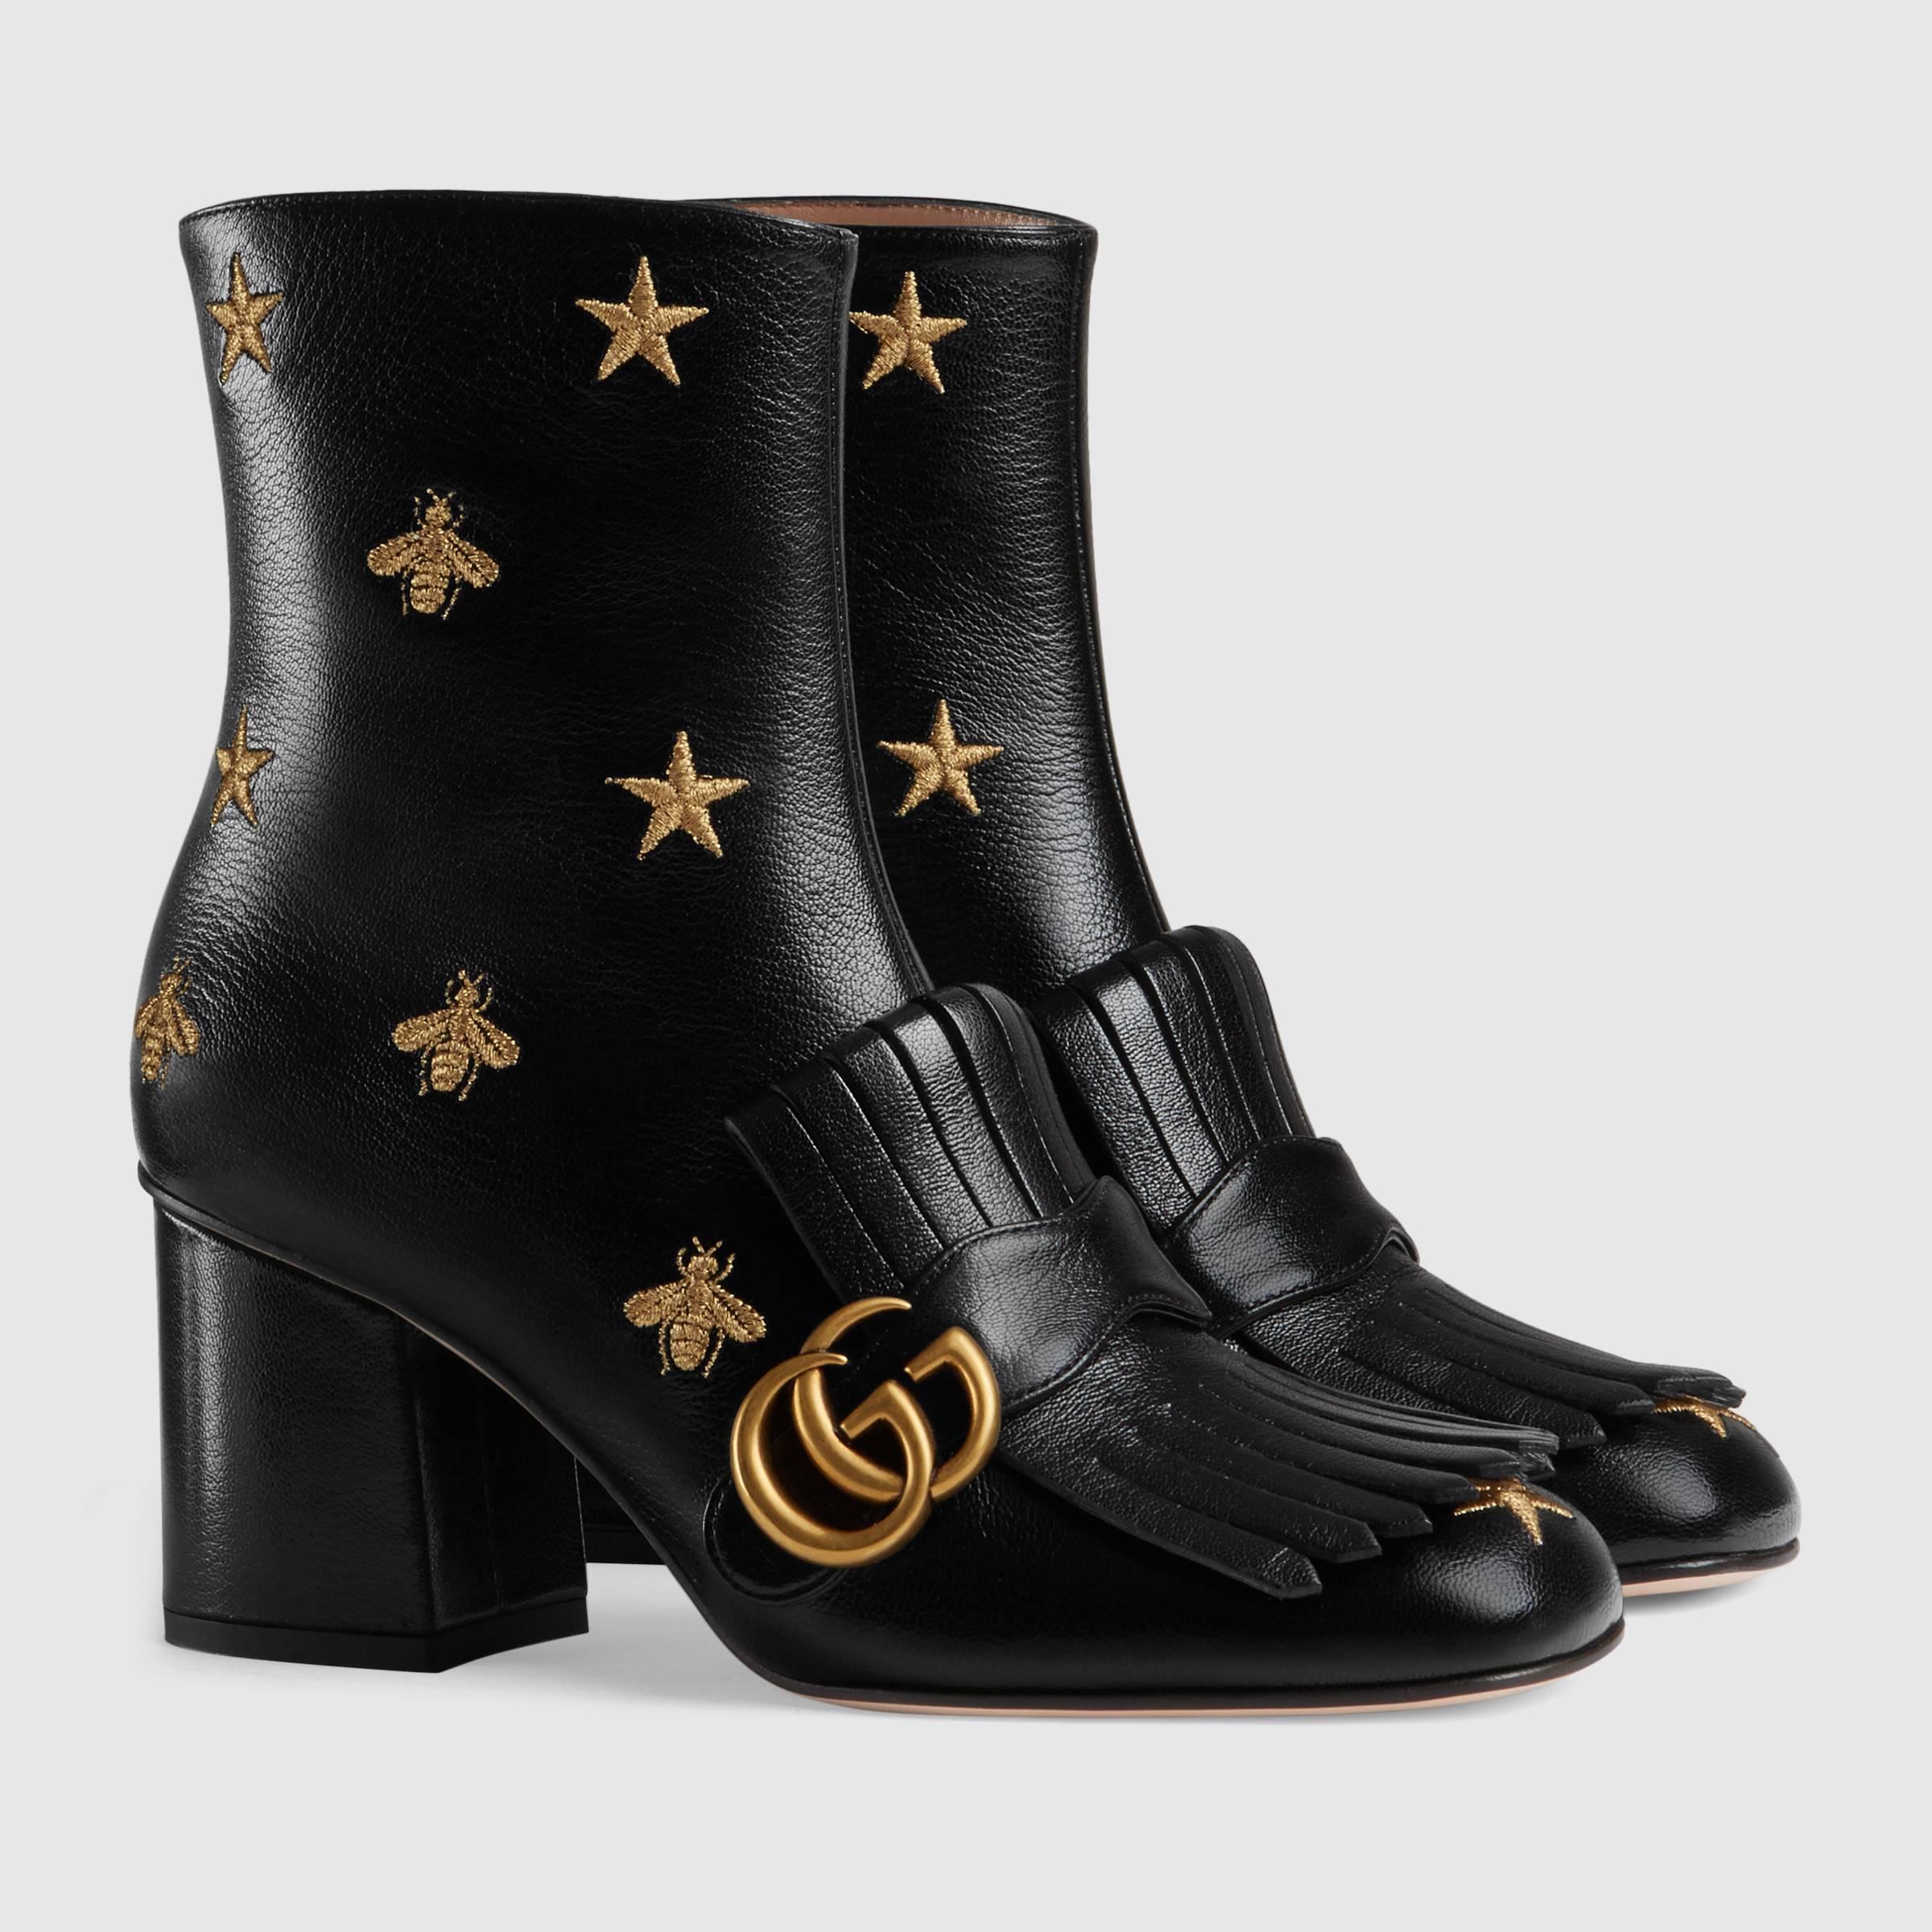 Stivaletti anni '70 Gucci a 980 euro autunno inverno 2018 2019